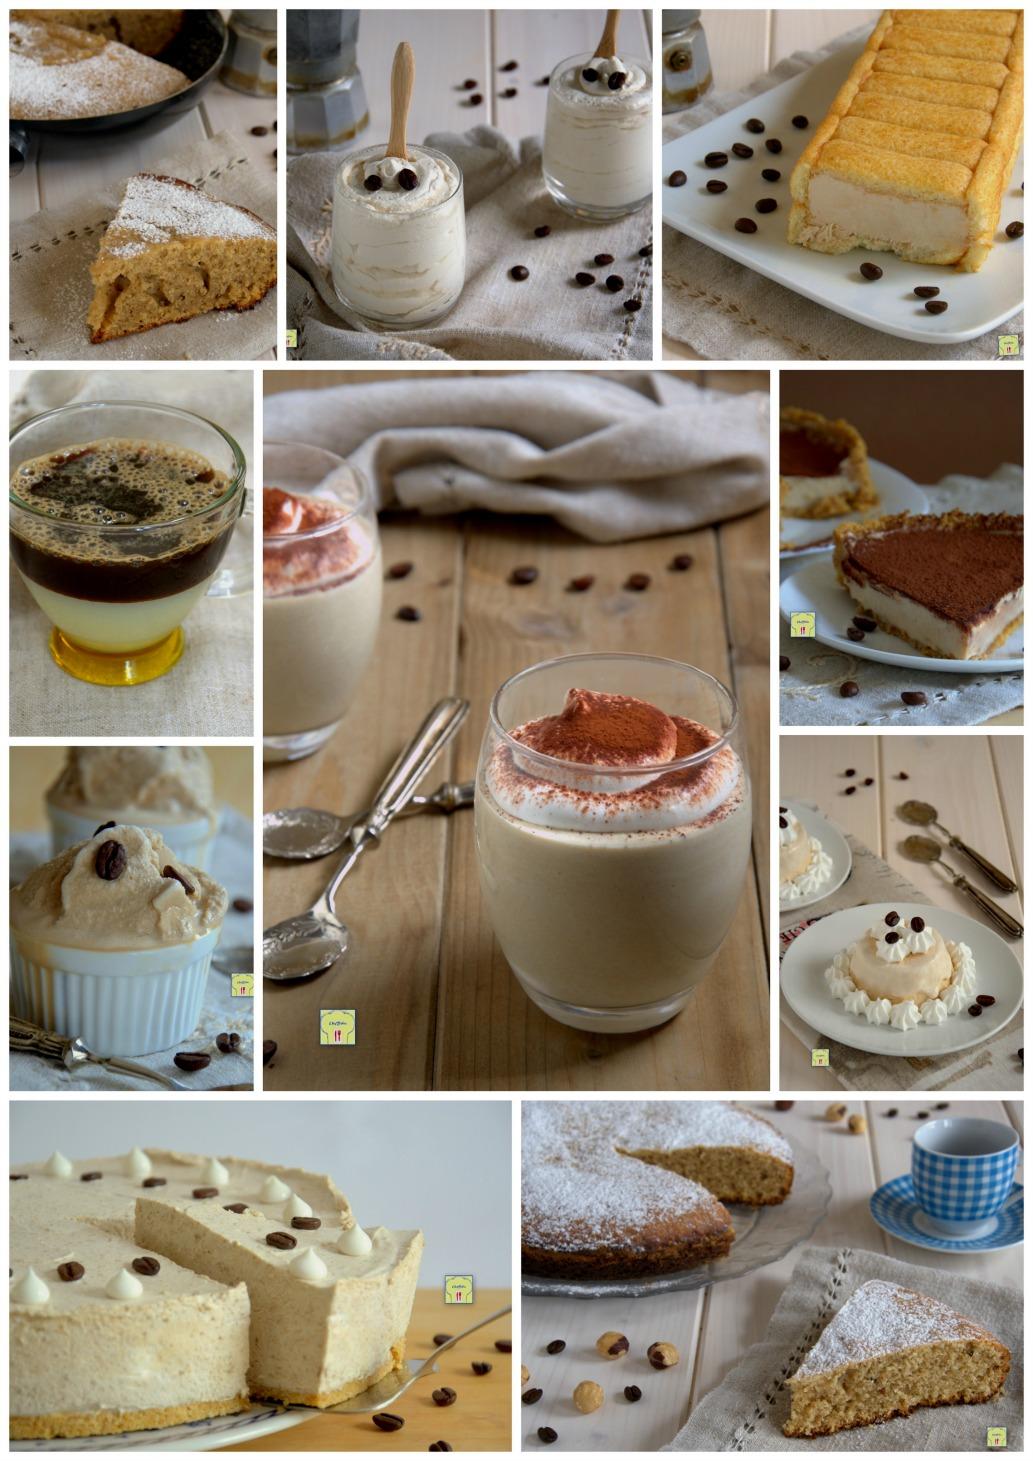 Le 10 migliori ricette di dolci al caff for Le migliori ricette di cucina